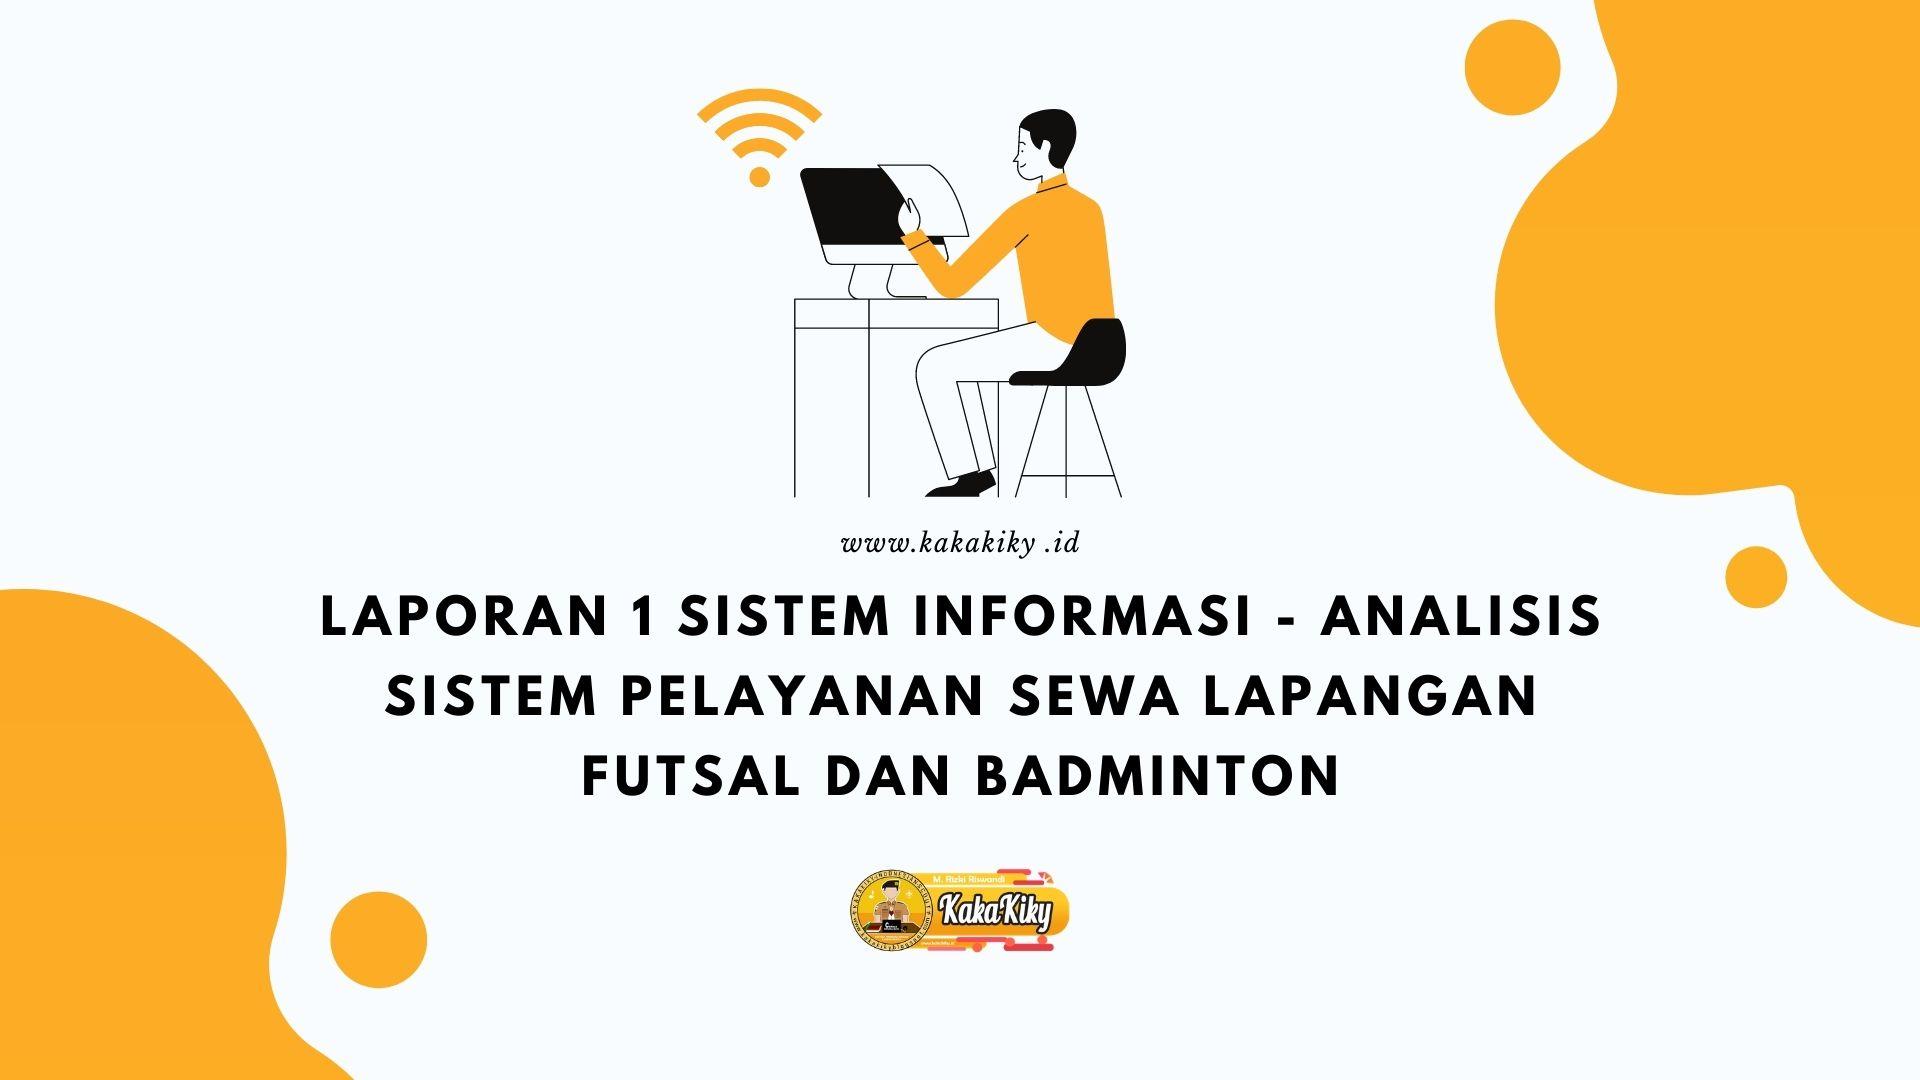 Laporan 1 Sistem Informasi Analisis Sistem Pelayanan Sewa Lapangan Futsal Dan Badminton